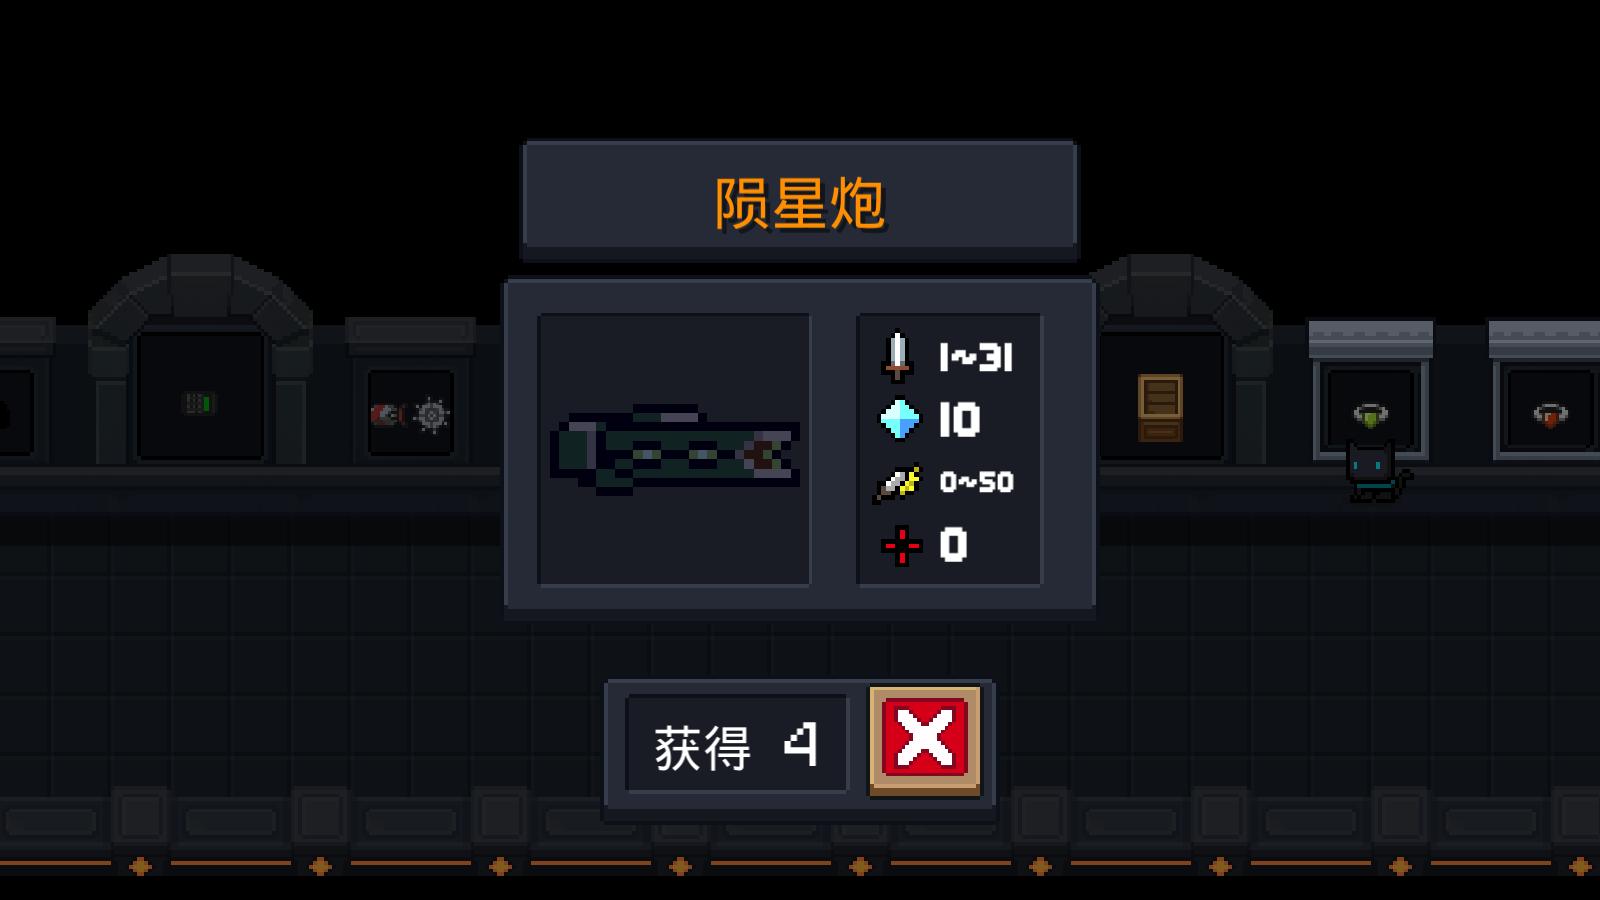 《元气骑士》武器陨星炮图鉴